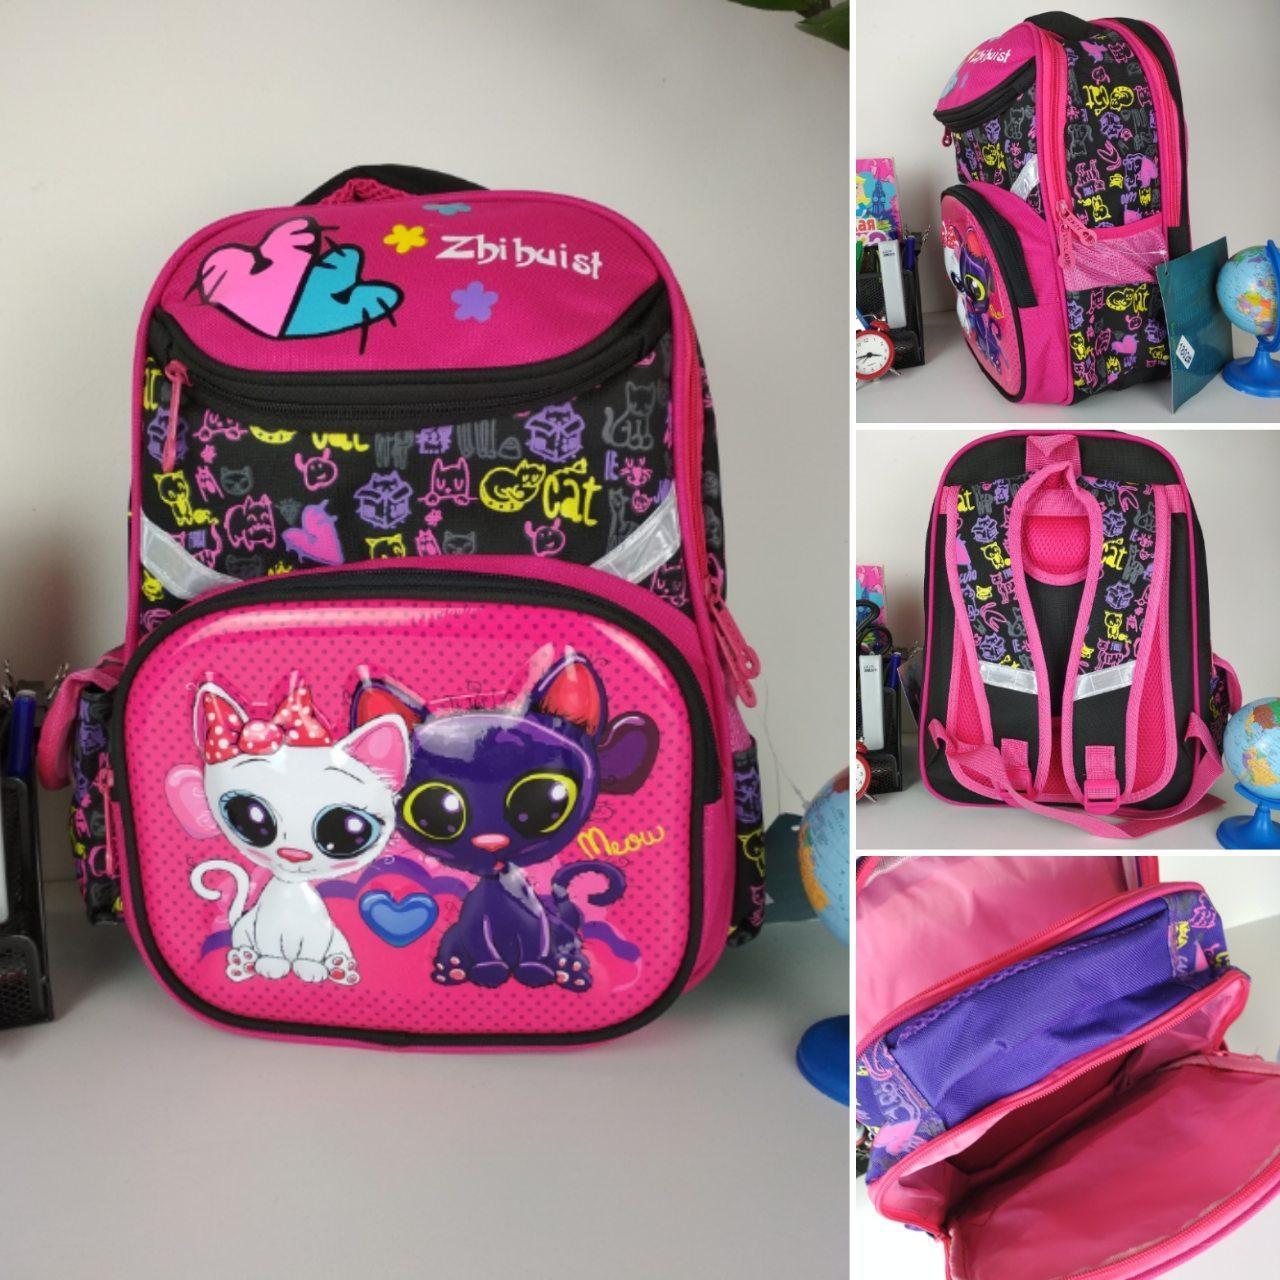 Черный портфель для школы с ярким рисунком кошечки 38*28*16 см